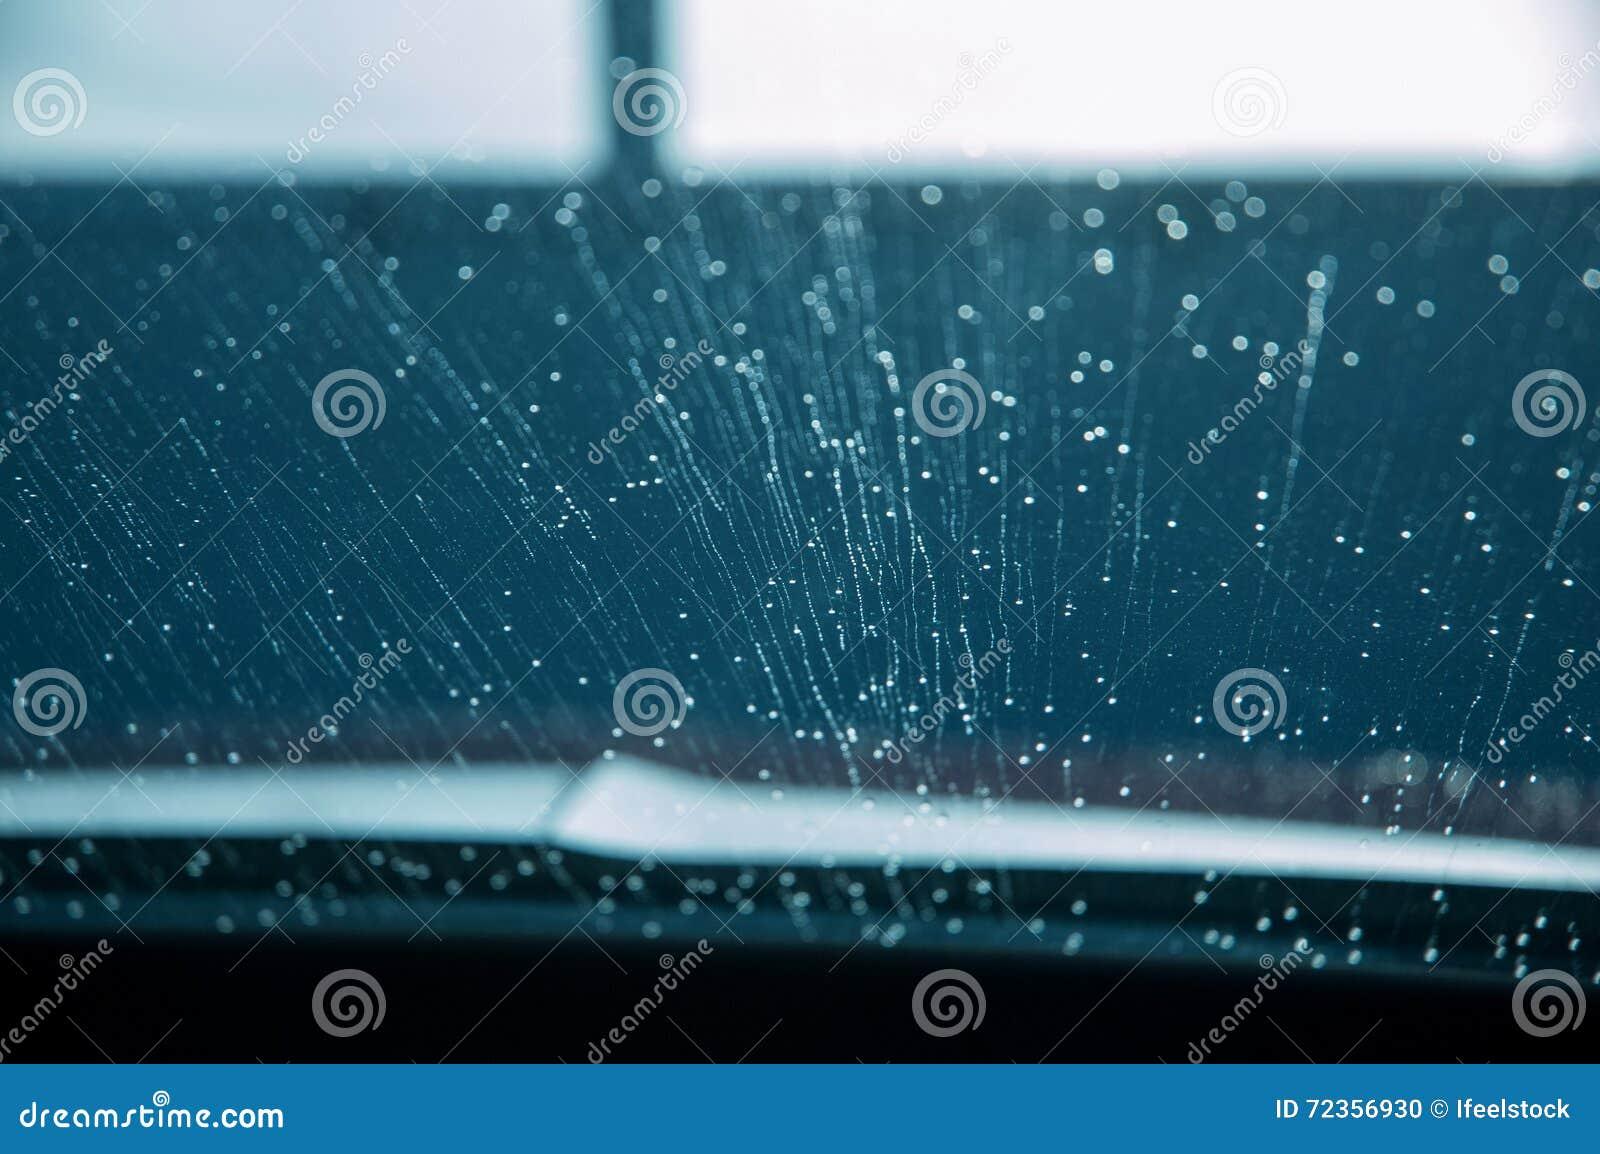 背景丢弃有趣非常水挡风玻璃